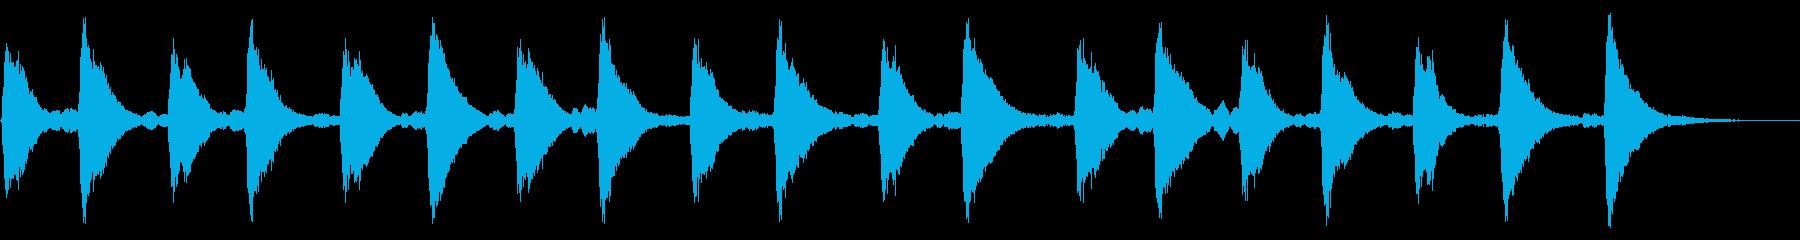 メルトンチャーチベル3:ミュートリ...の再生済みの波形